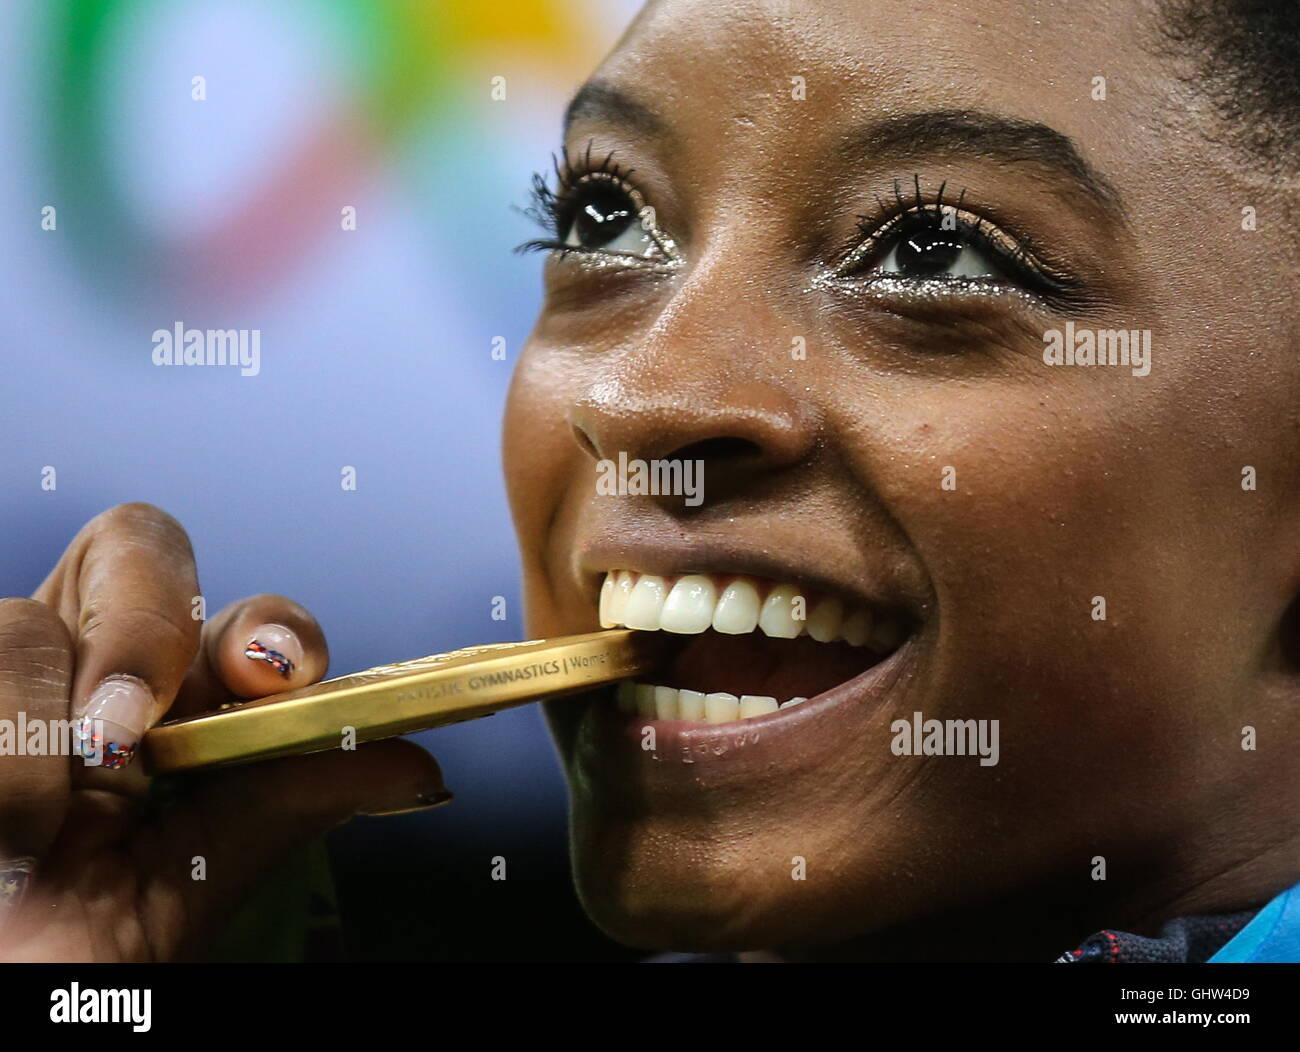 Río de Janeiro, Brasil. 11 Aug, 2016. Biles Simone medallista de oro de los Estados Unidos en una ceremonia Imagen De Stock